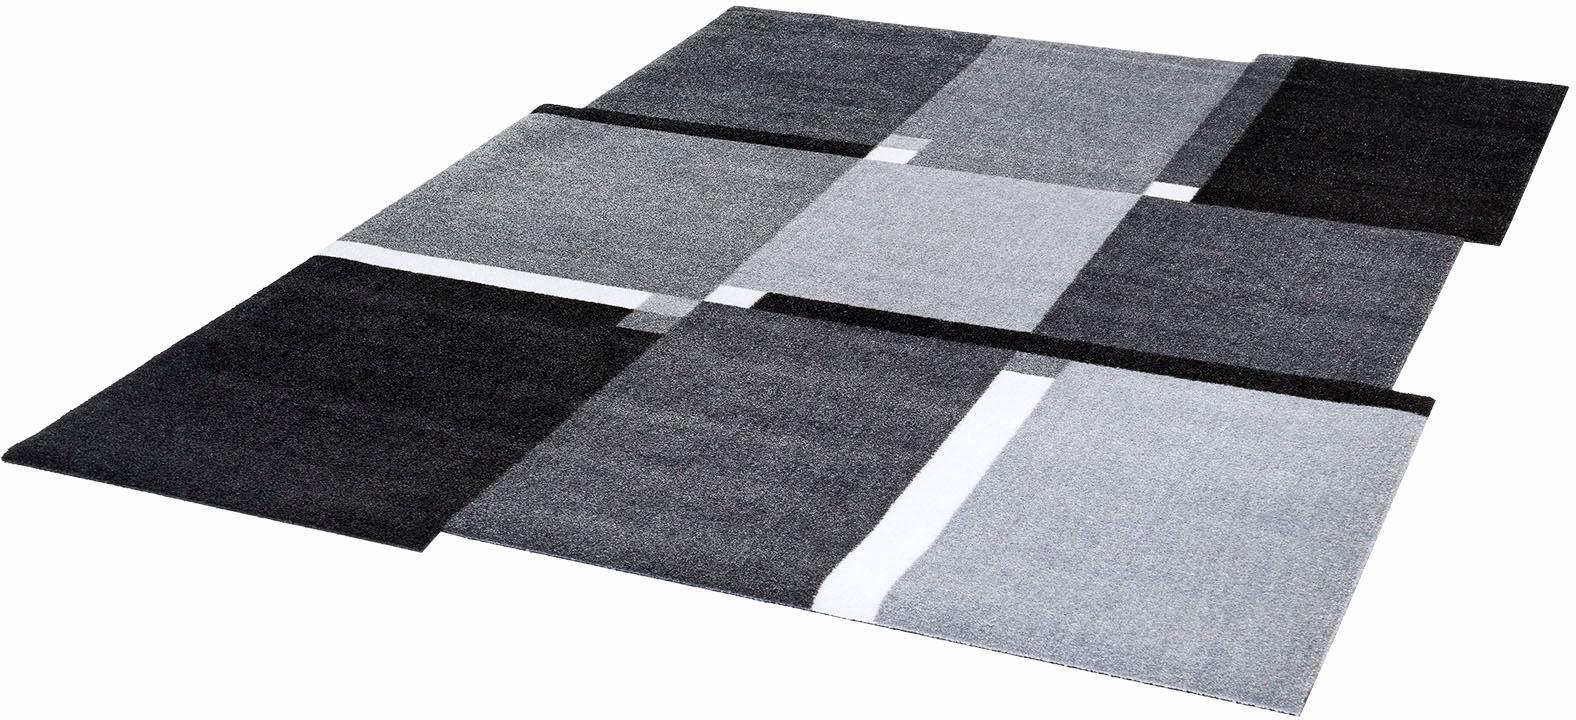 wash+dry by Kleen-Tex Teppich Living Squares, stufenförmig, 9 mm Höhe, Wohnzimmer grau Esszimmerteppiche Teppiche nach Räumen